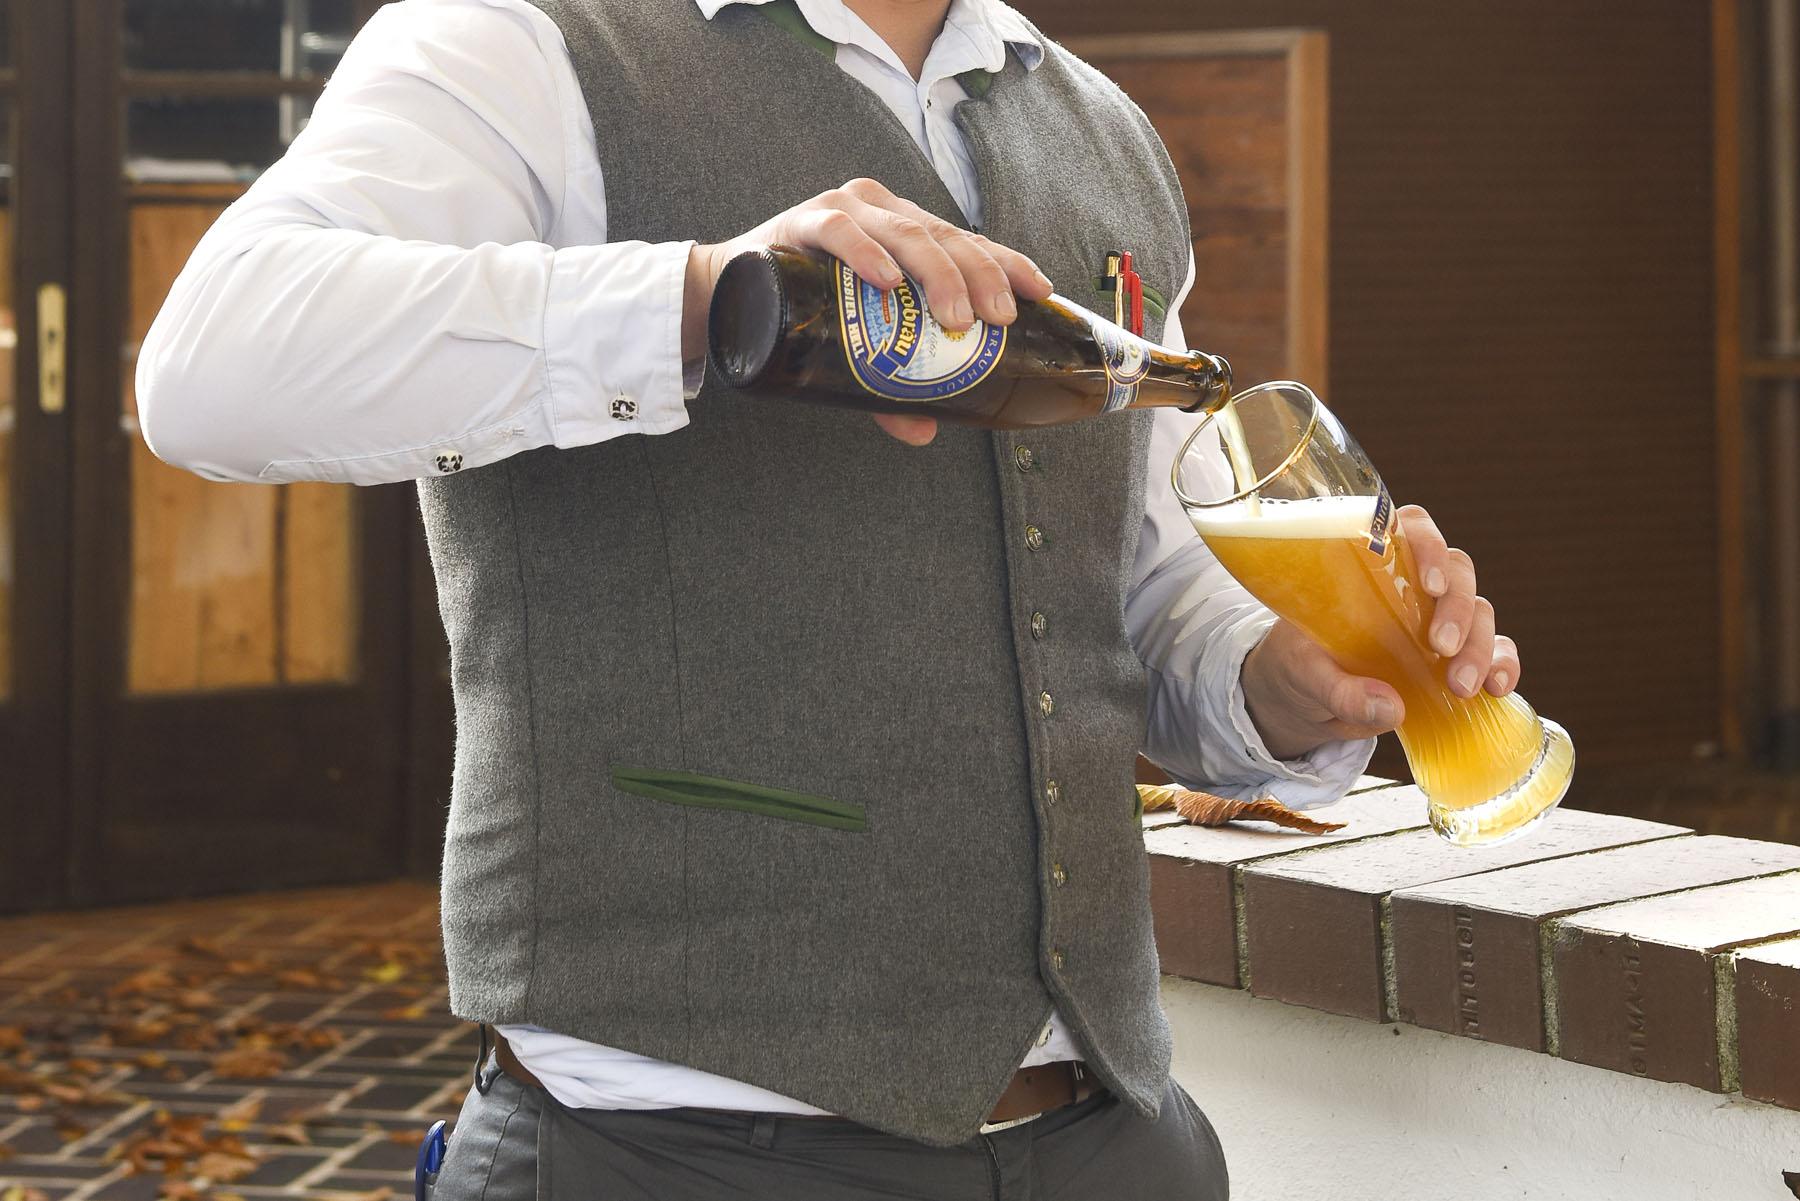 Natürlich gibt es im Mühlhamer Keller feines Bier aus dem Bayerischen Golf- und Thermenland